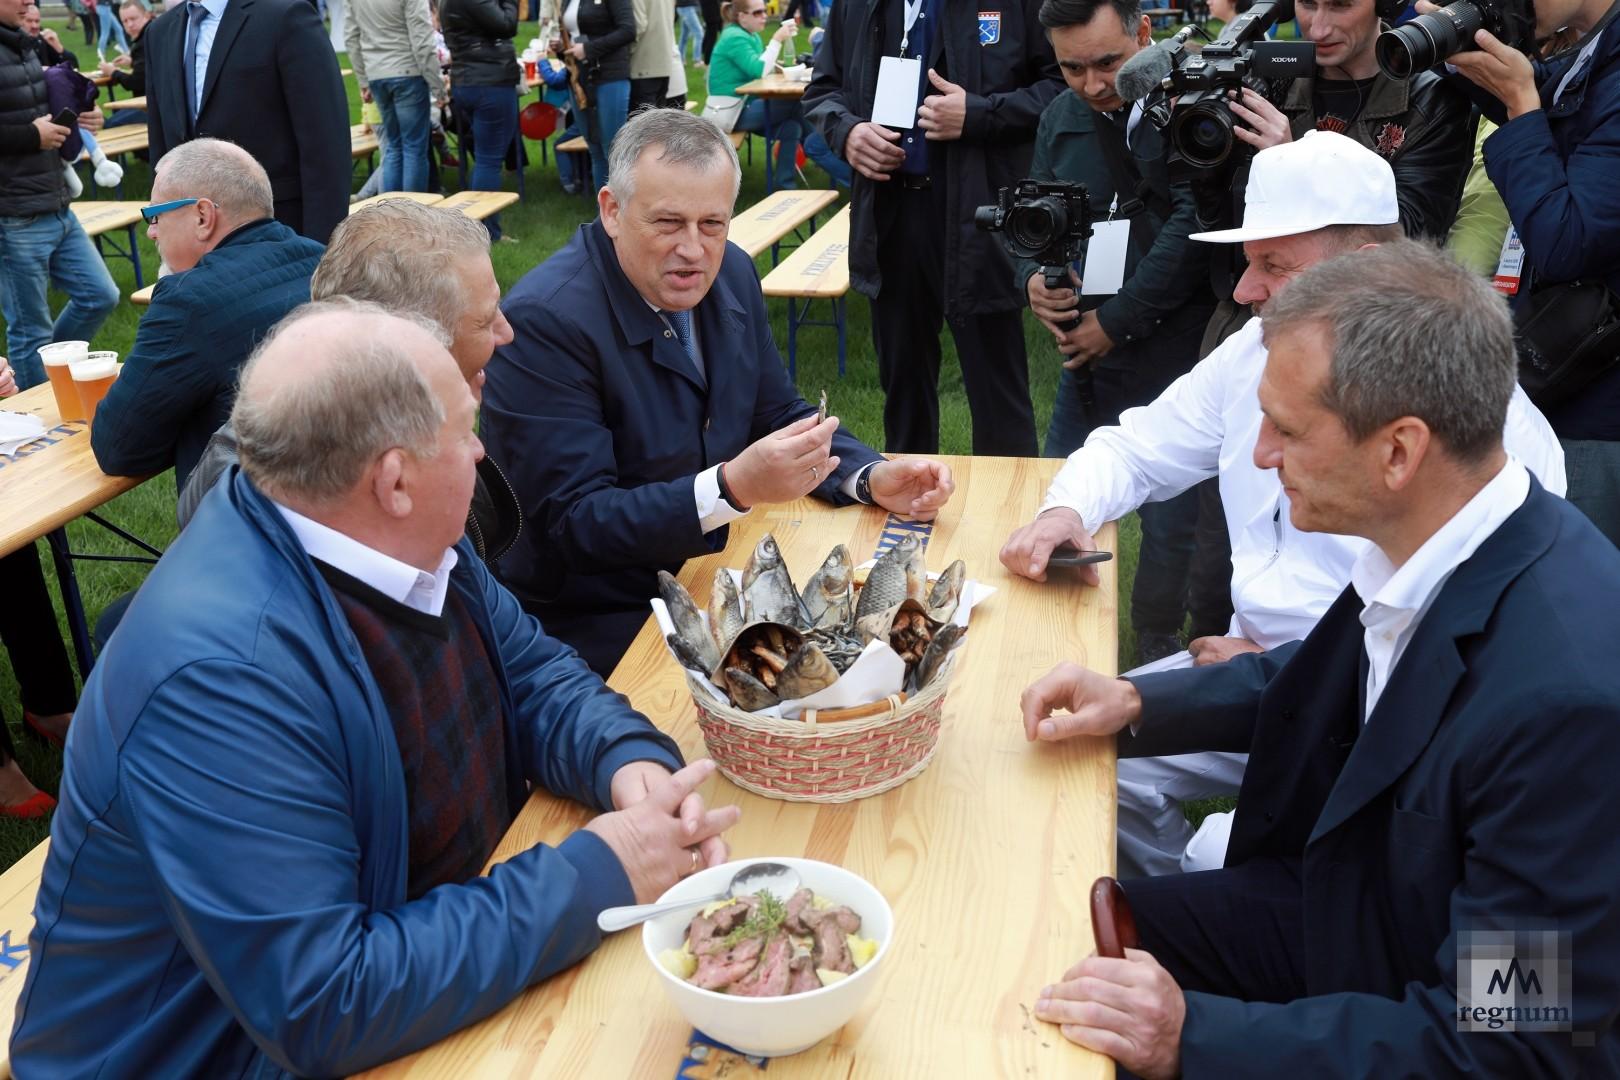 Александр Дрозденко дегустирует рыбу на фестивале  Калейдоскоп вкуса